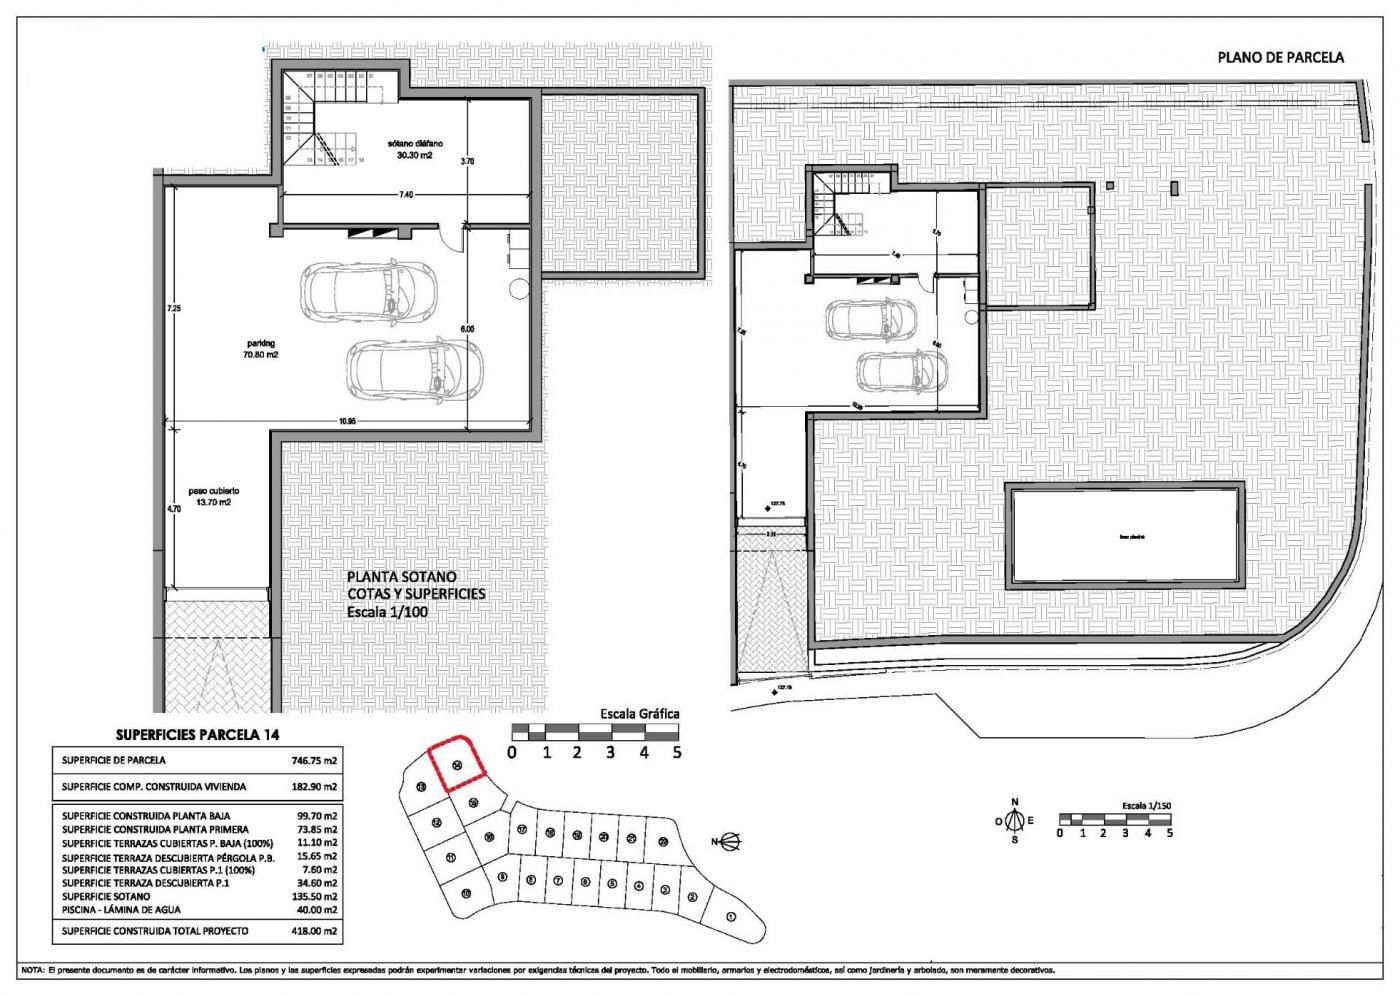 Villas de obra nueva modernas con vistas al mar en sierra cortina - imagenInmueble19